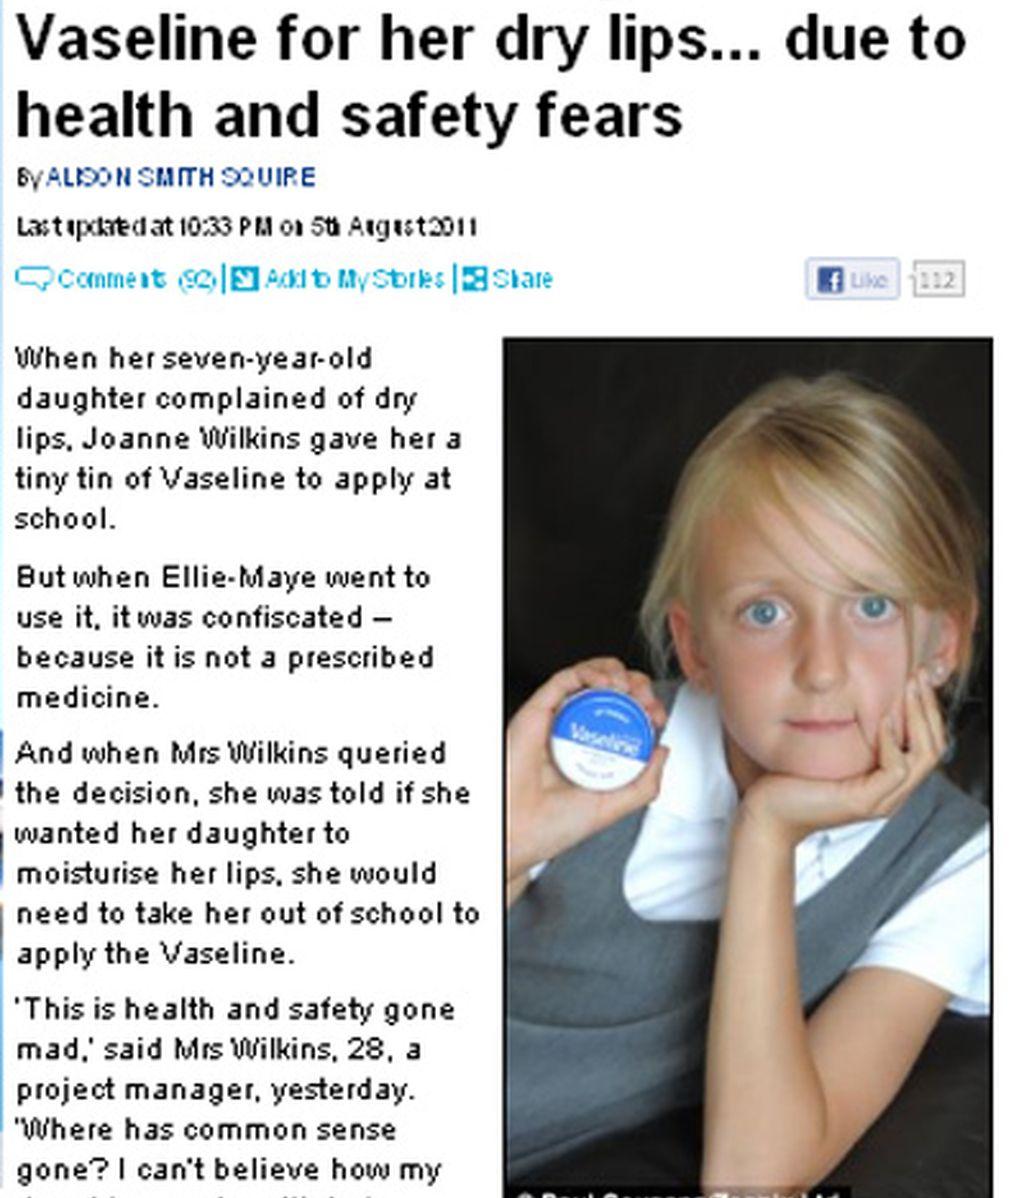 Ellie-Mayer, con el tarro de vaselina confiscado. Foto: Daily Mail